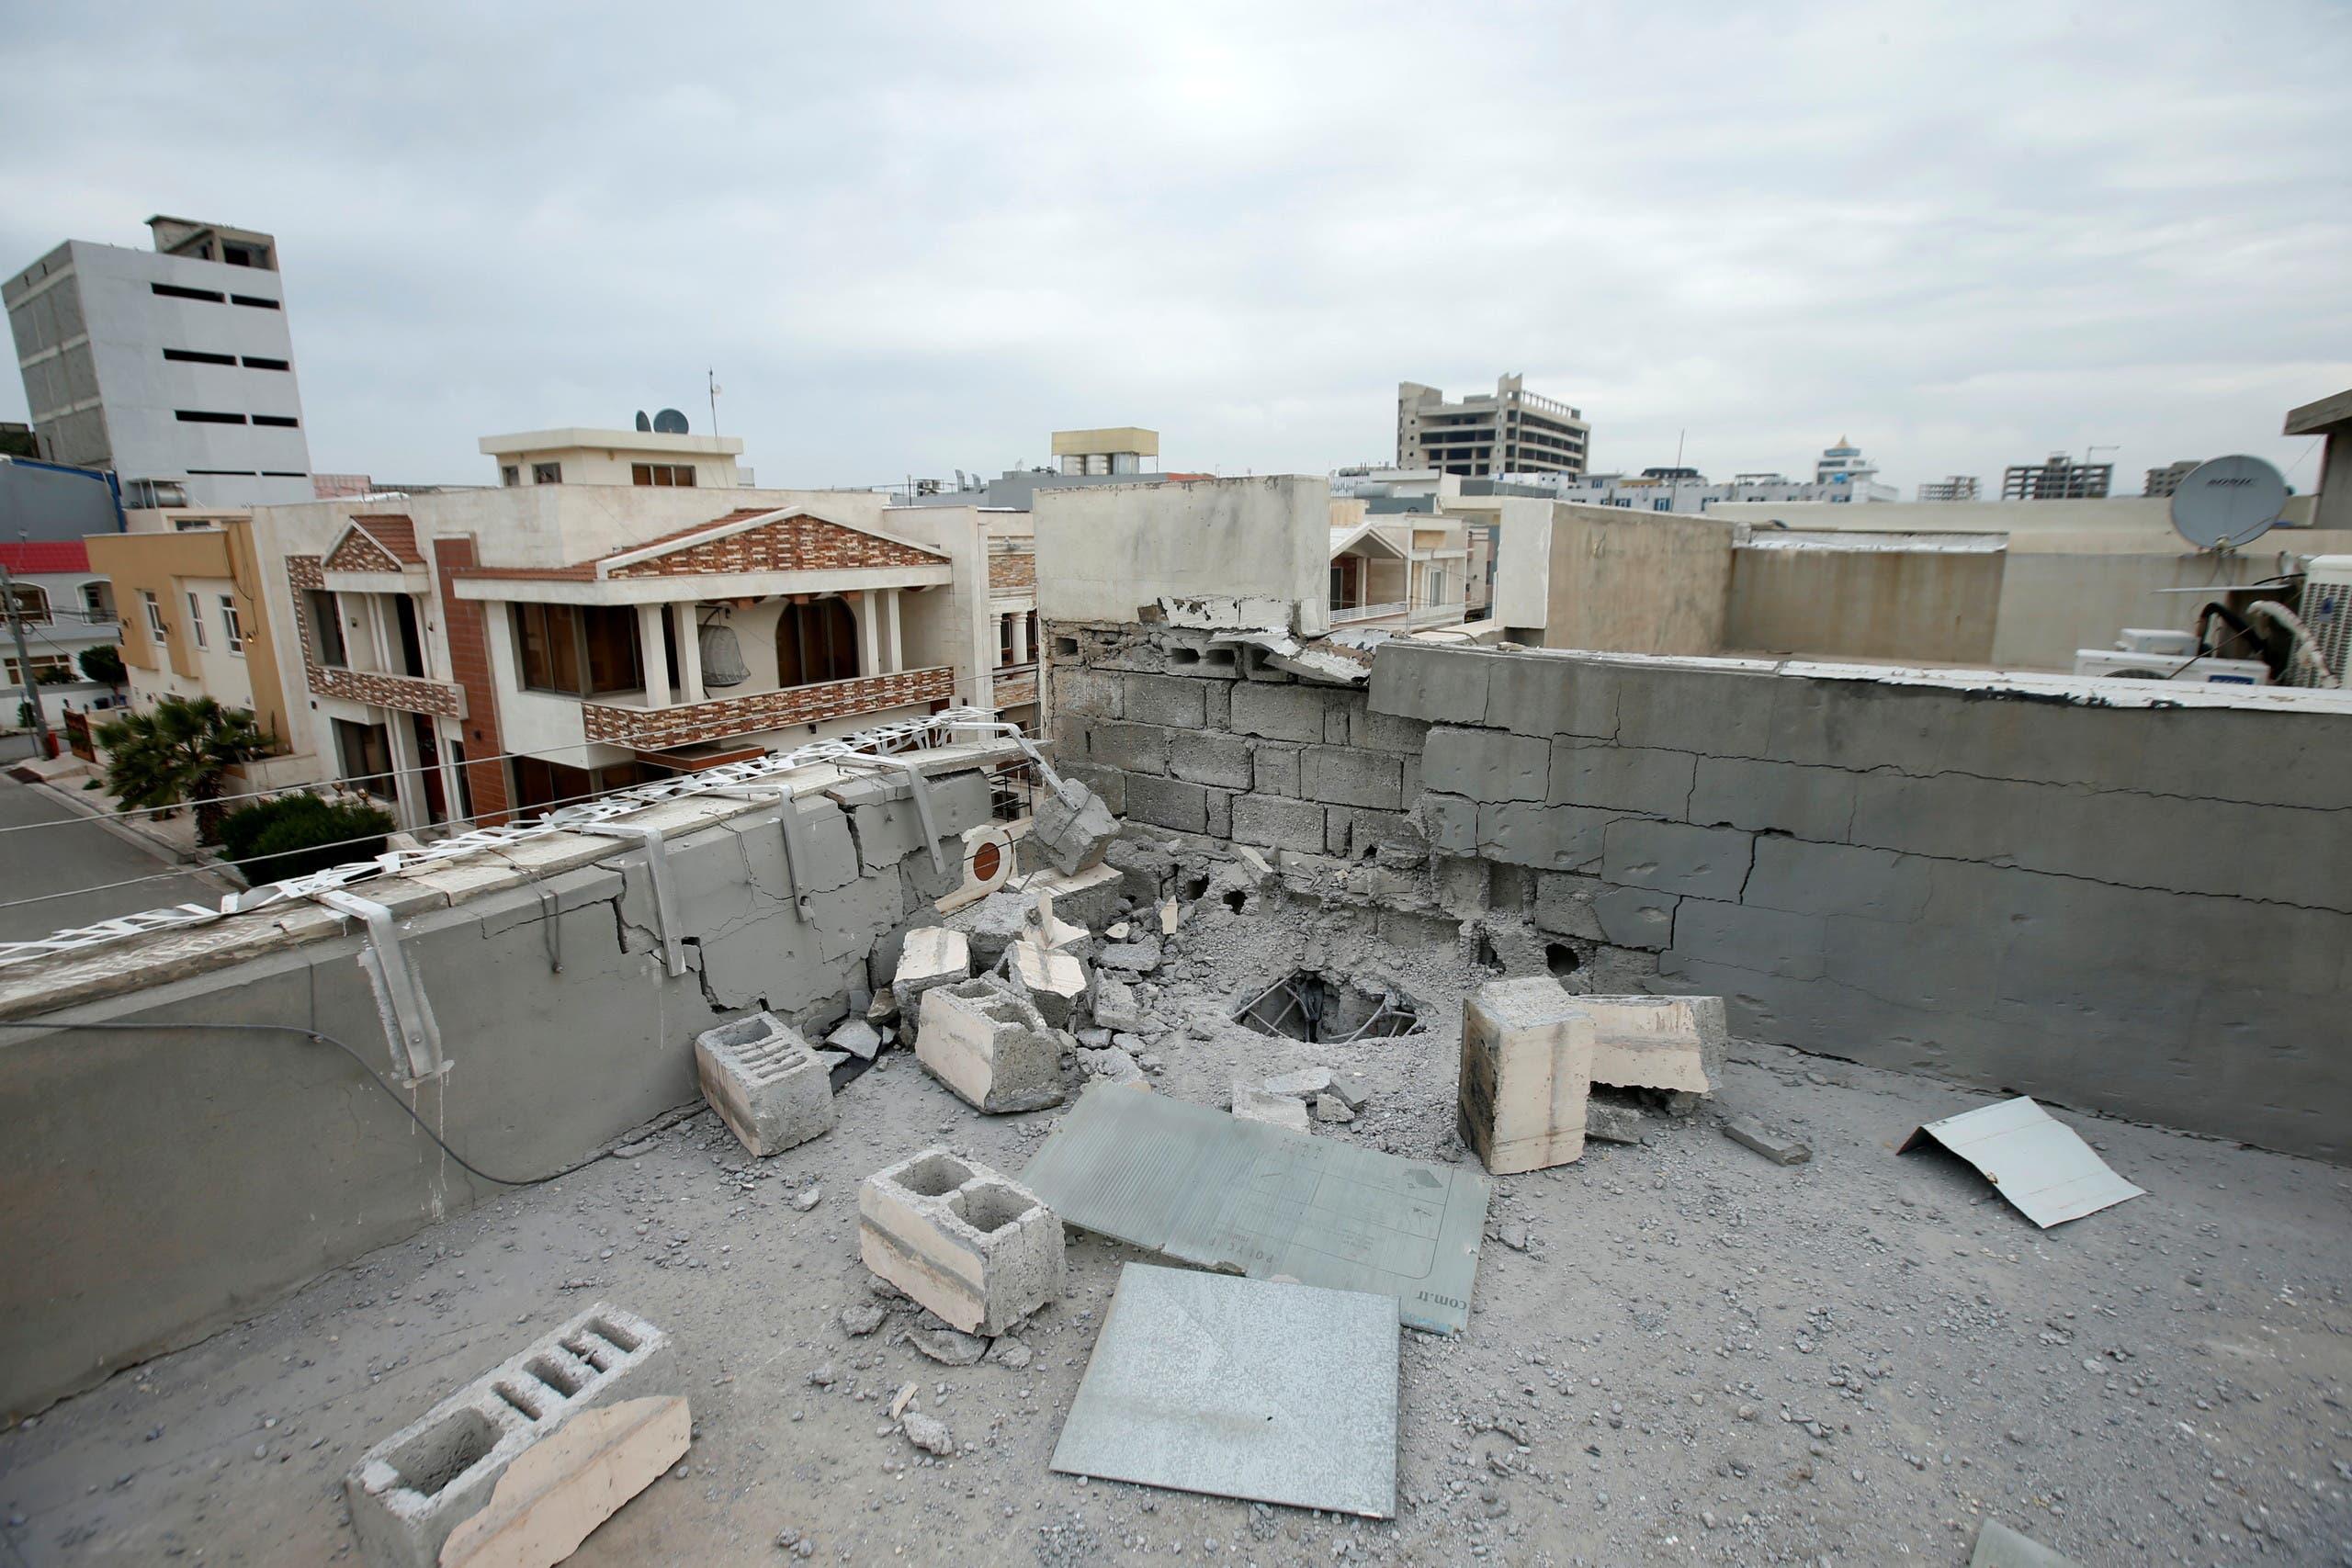 الدمار الذي خلفه الهجوم على القوات الأميركية في اربيل